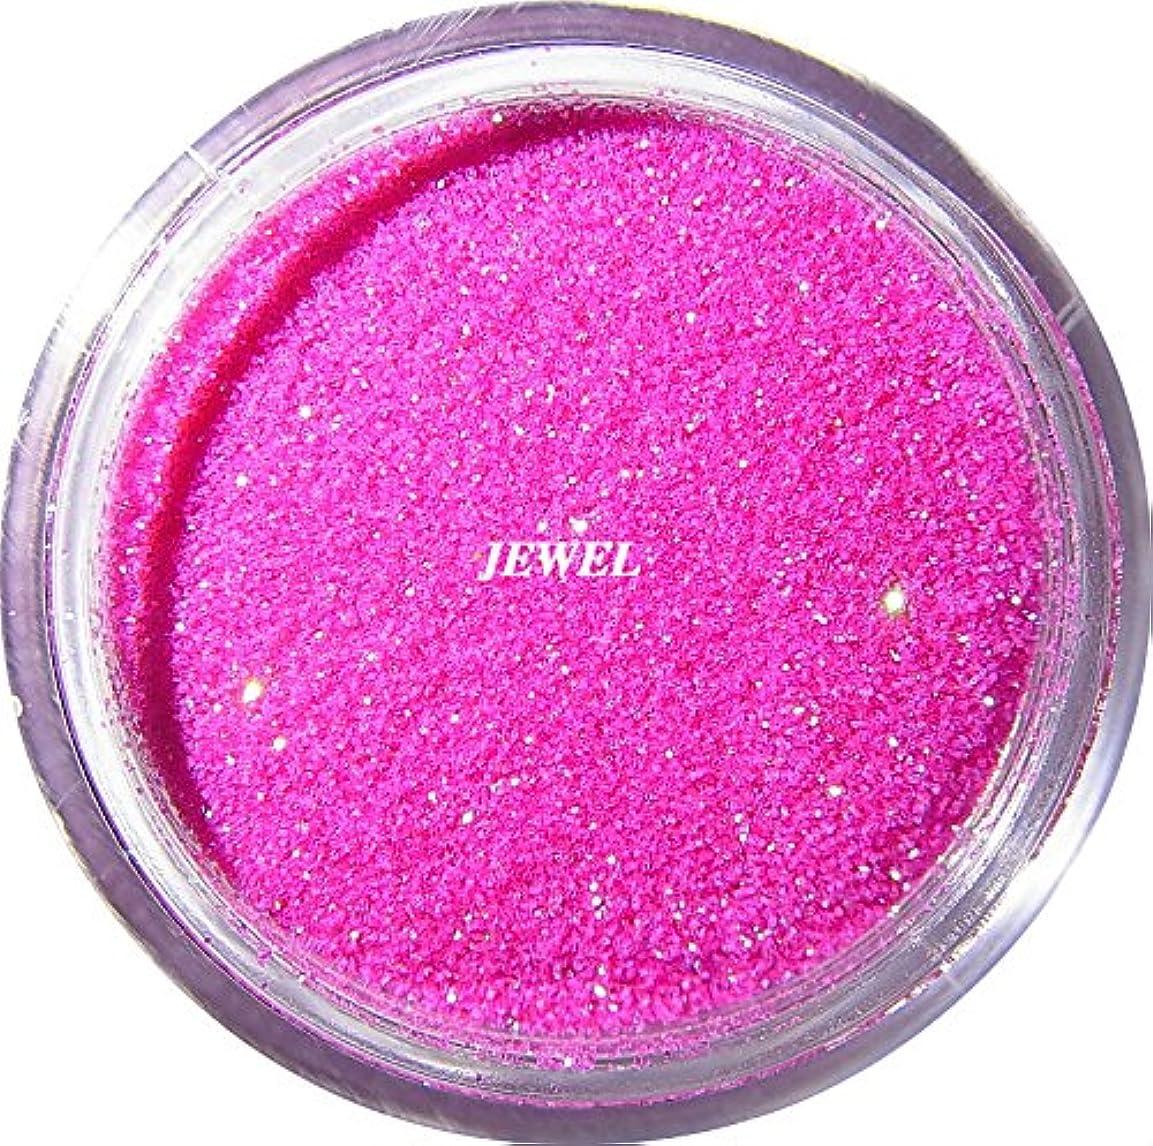 怒って霧深い大【jewel】 超微粒子ラメパウダーたっぷり2g入り 12色から選択可能 レジン&ネイル用 (ローズピンク)